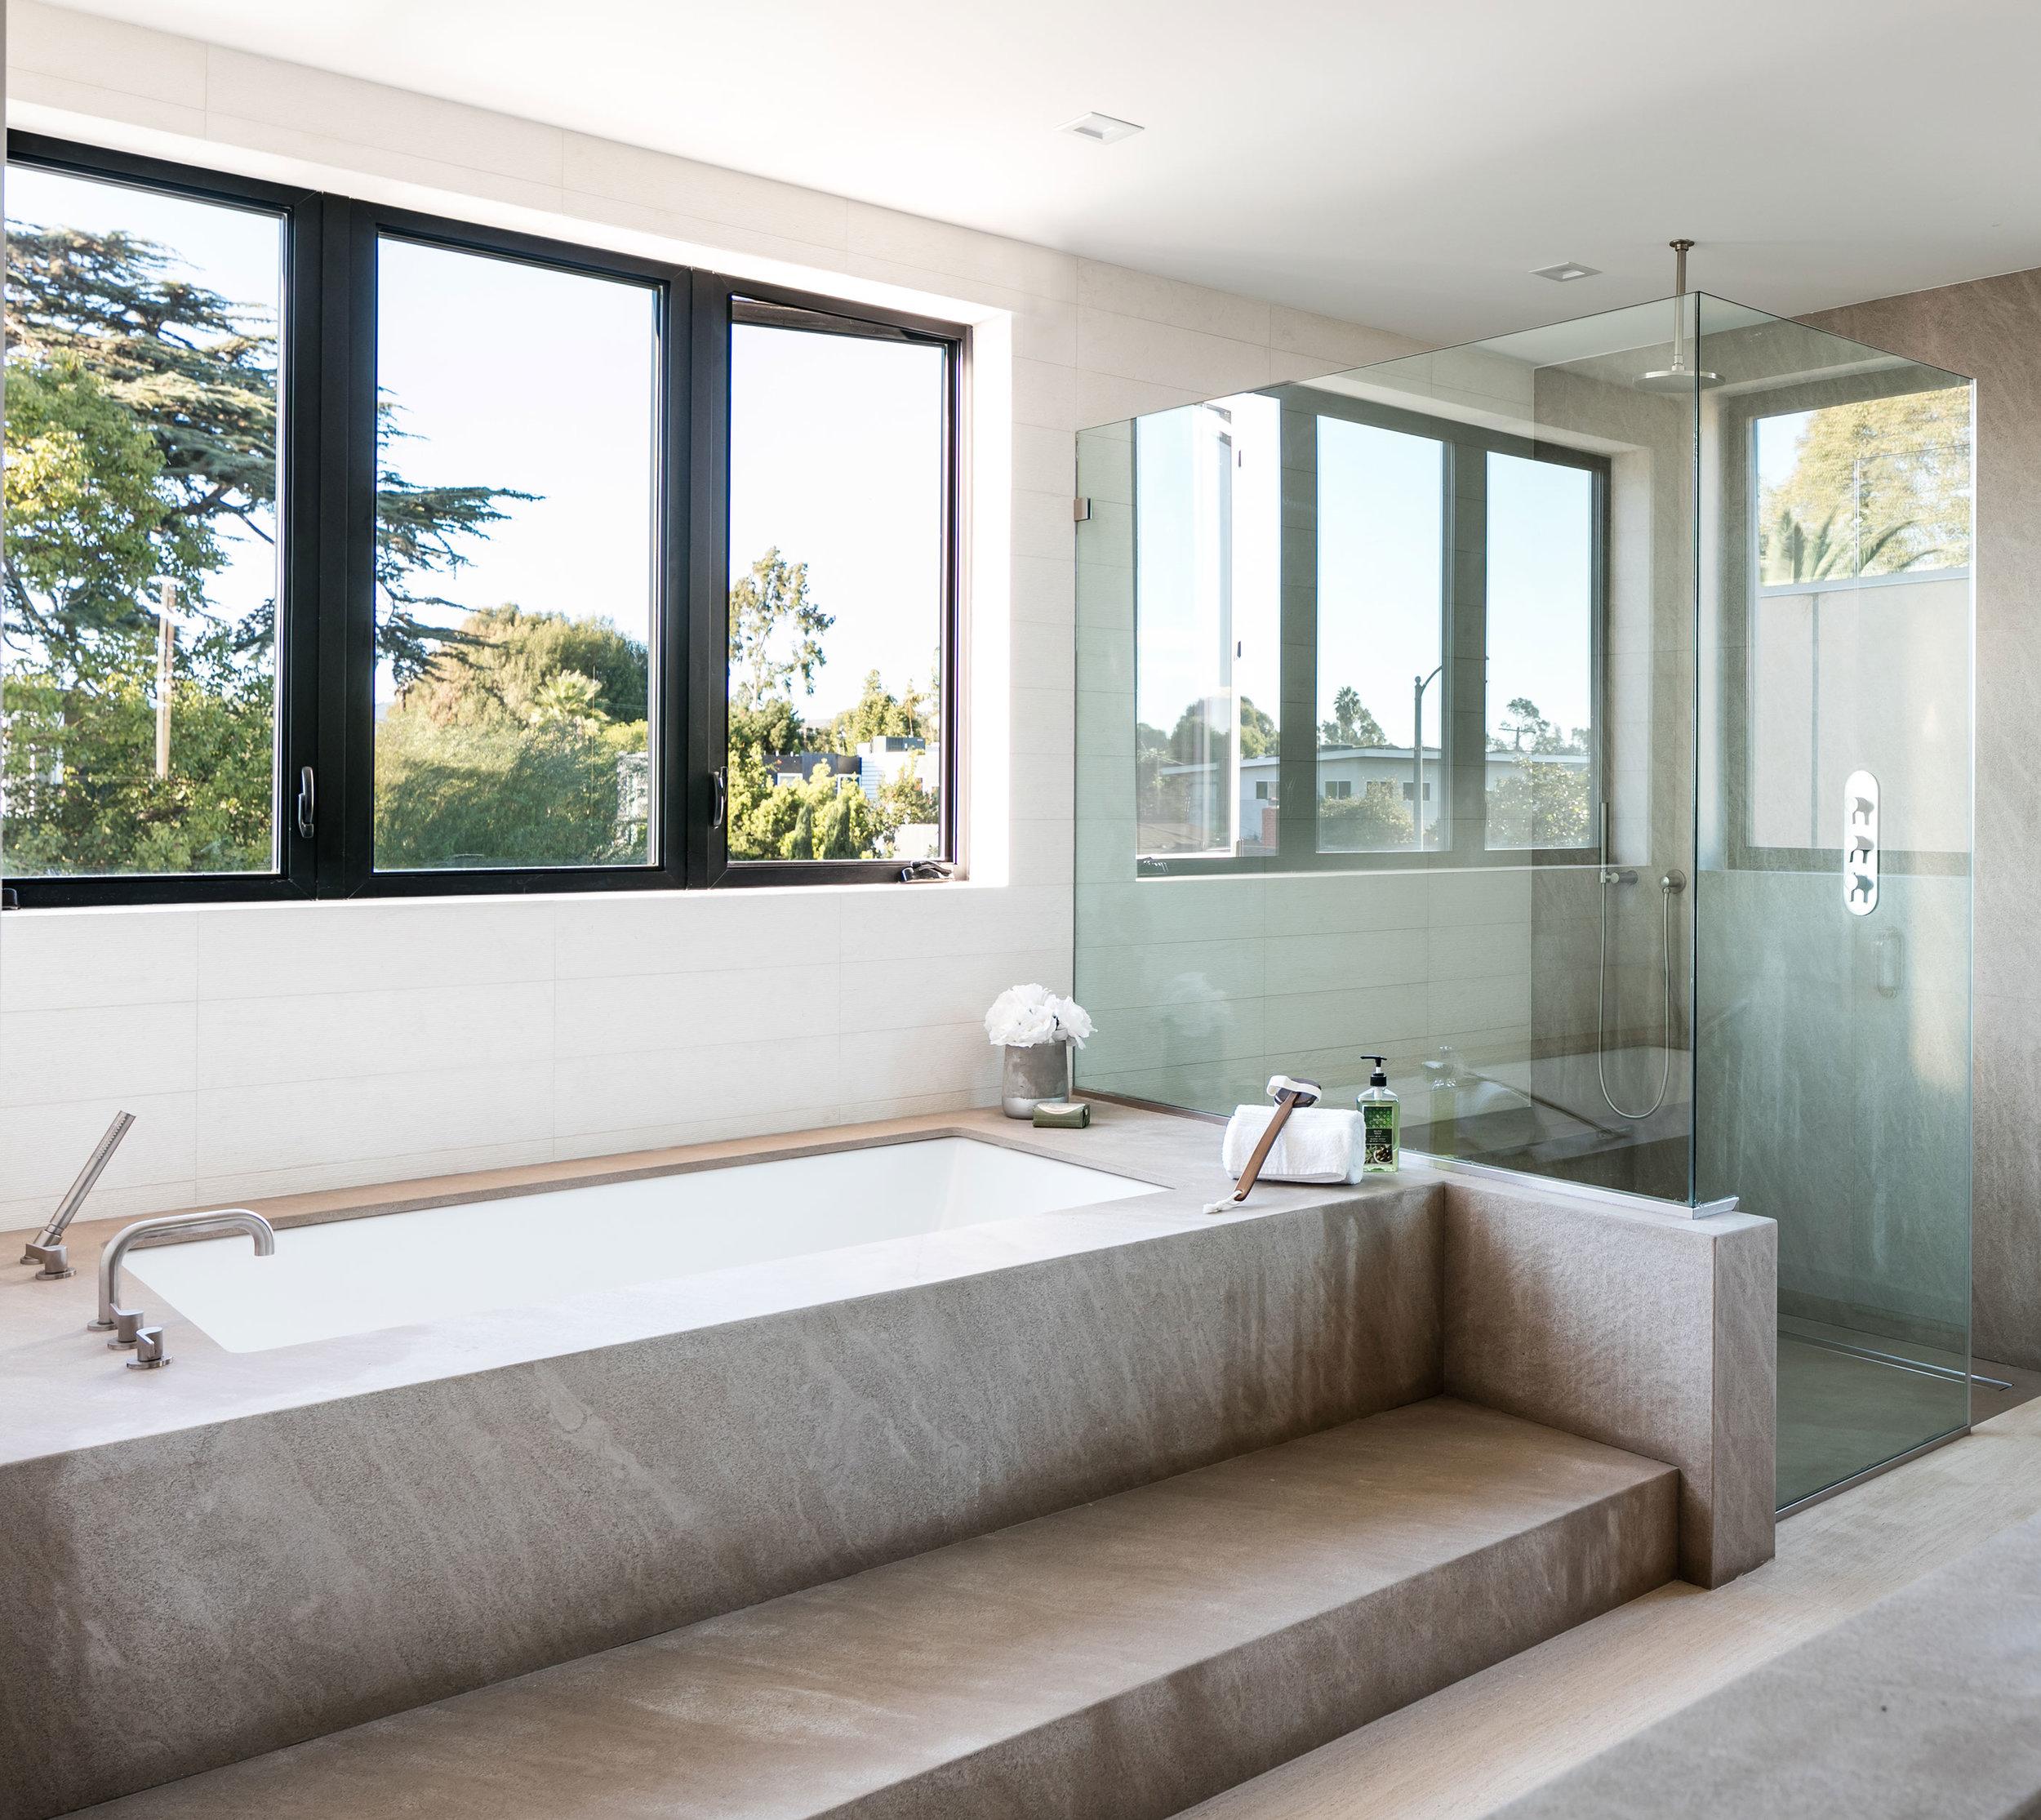 12-SiliconBay-master-bath-modern-marble-los-angeles.jpg